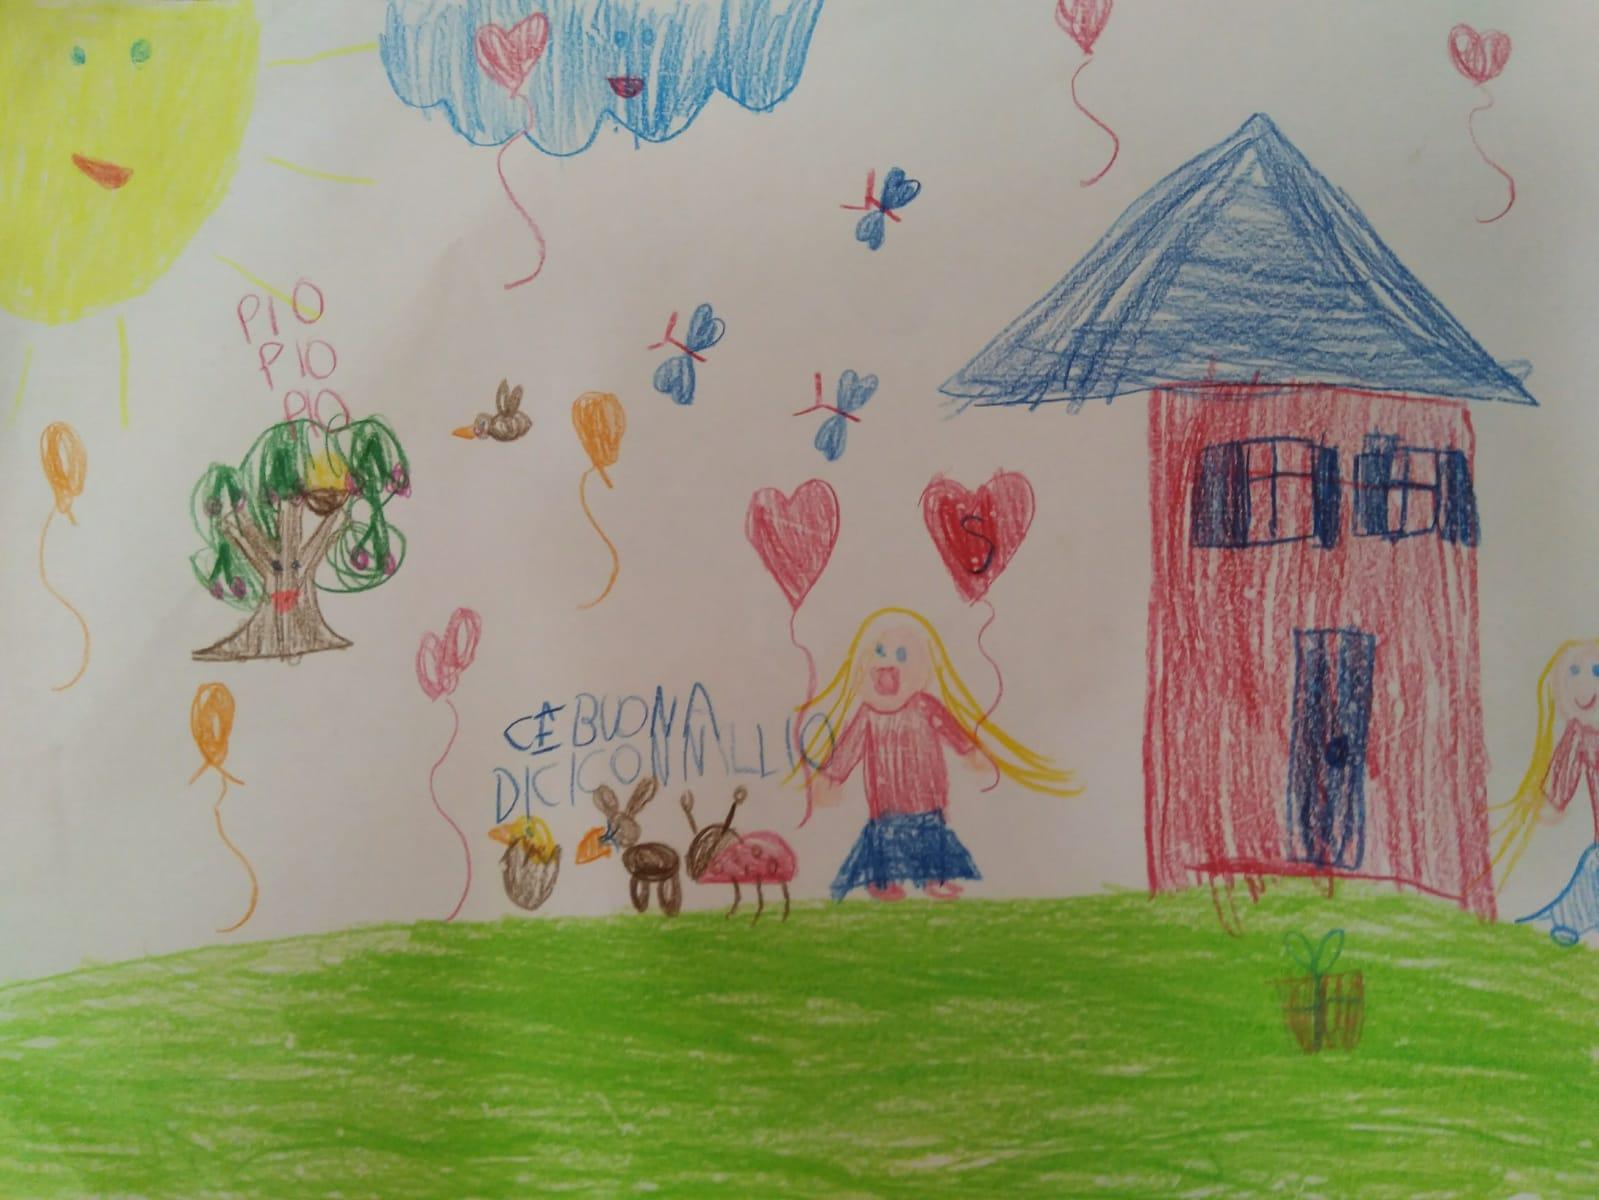 La primavera in casa - Elisabetta, 6 anni